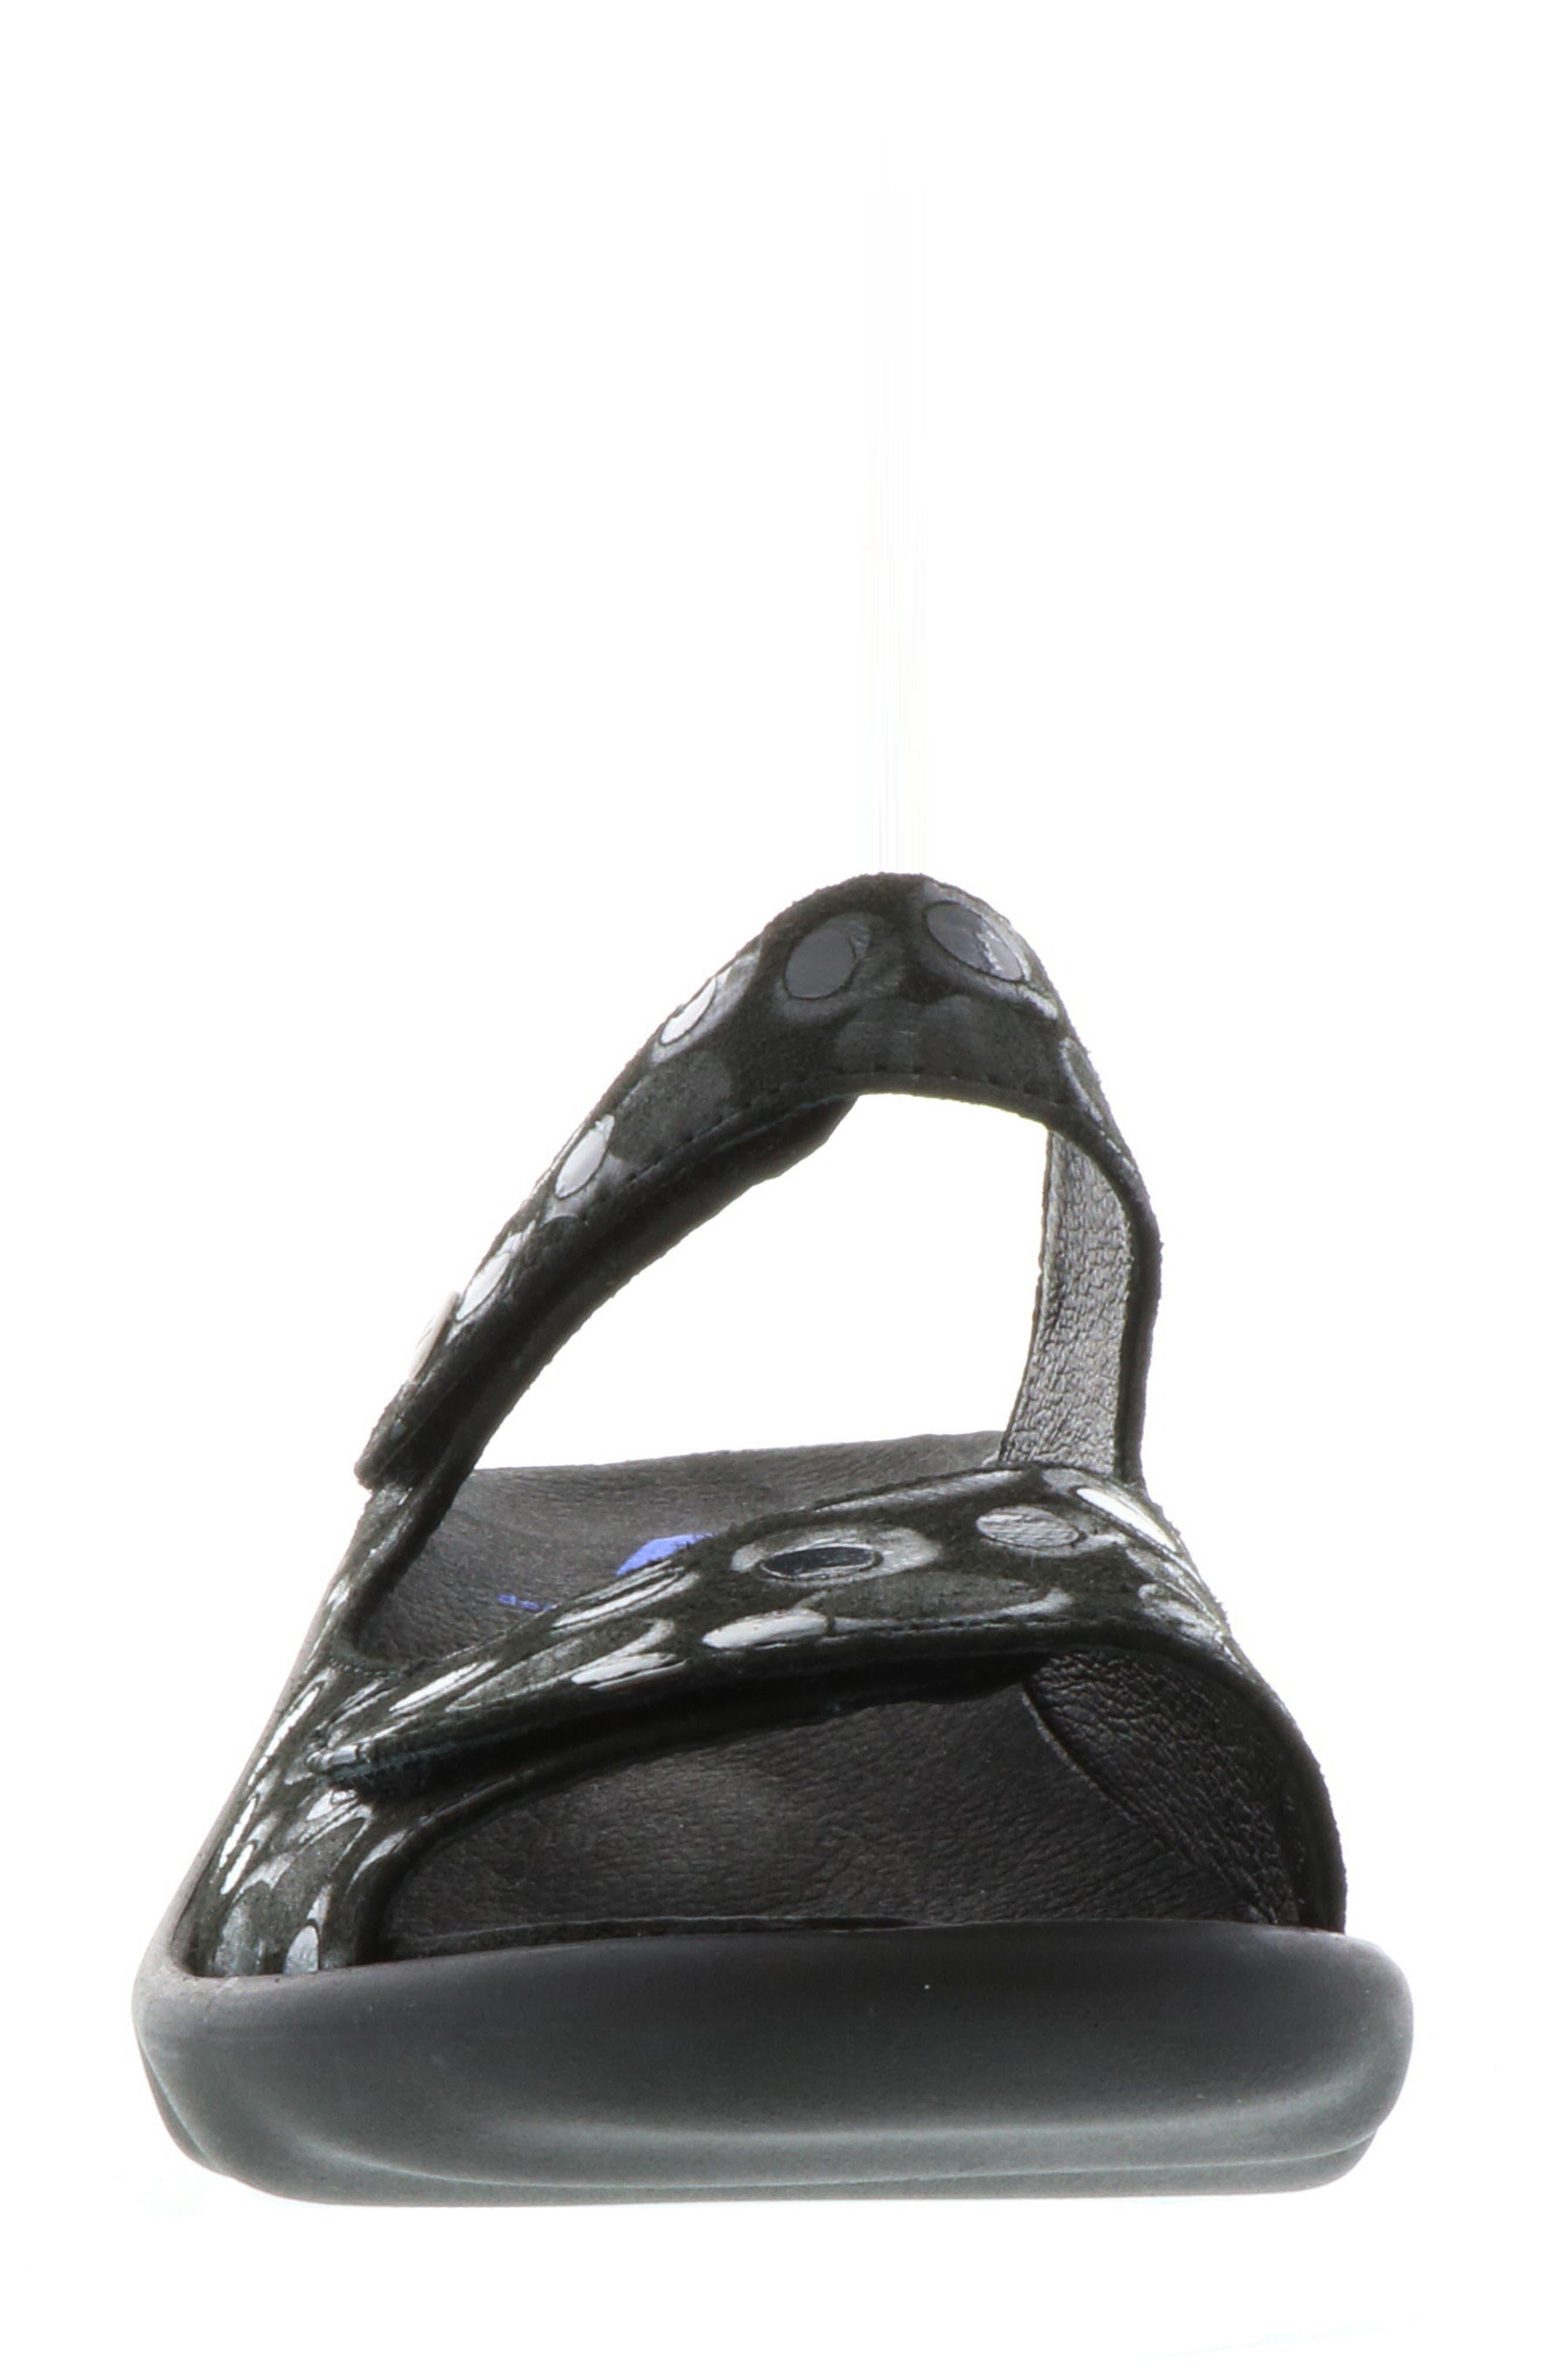 Bolena Slide Sandal,                             Alternate thumbnail 4, color,                             BLACK CIRCLE PRINT